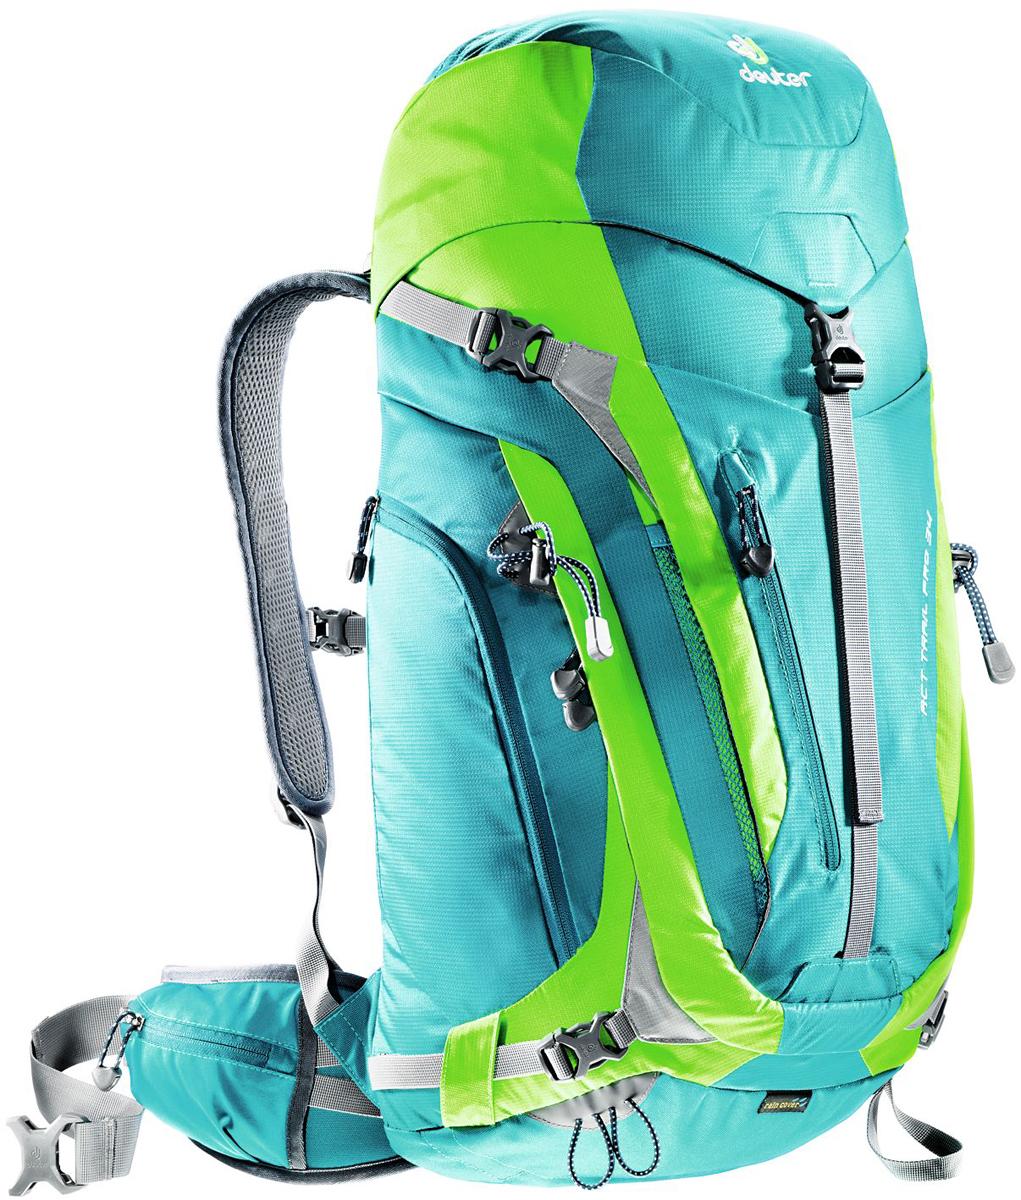 Рюкзак туристический Deuter ACT Trail, цвет: голубой, салатовый, 34 л цена